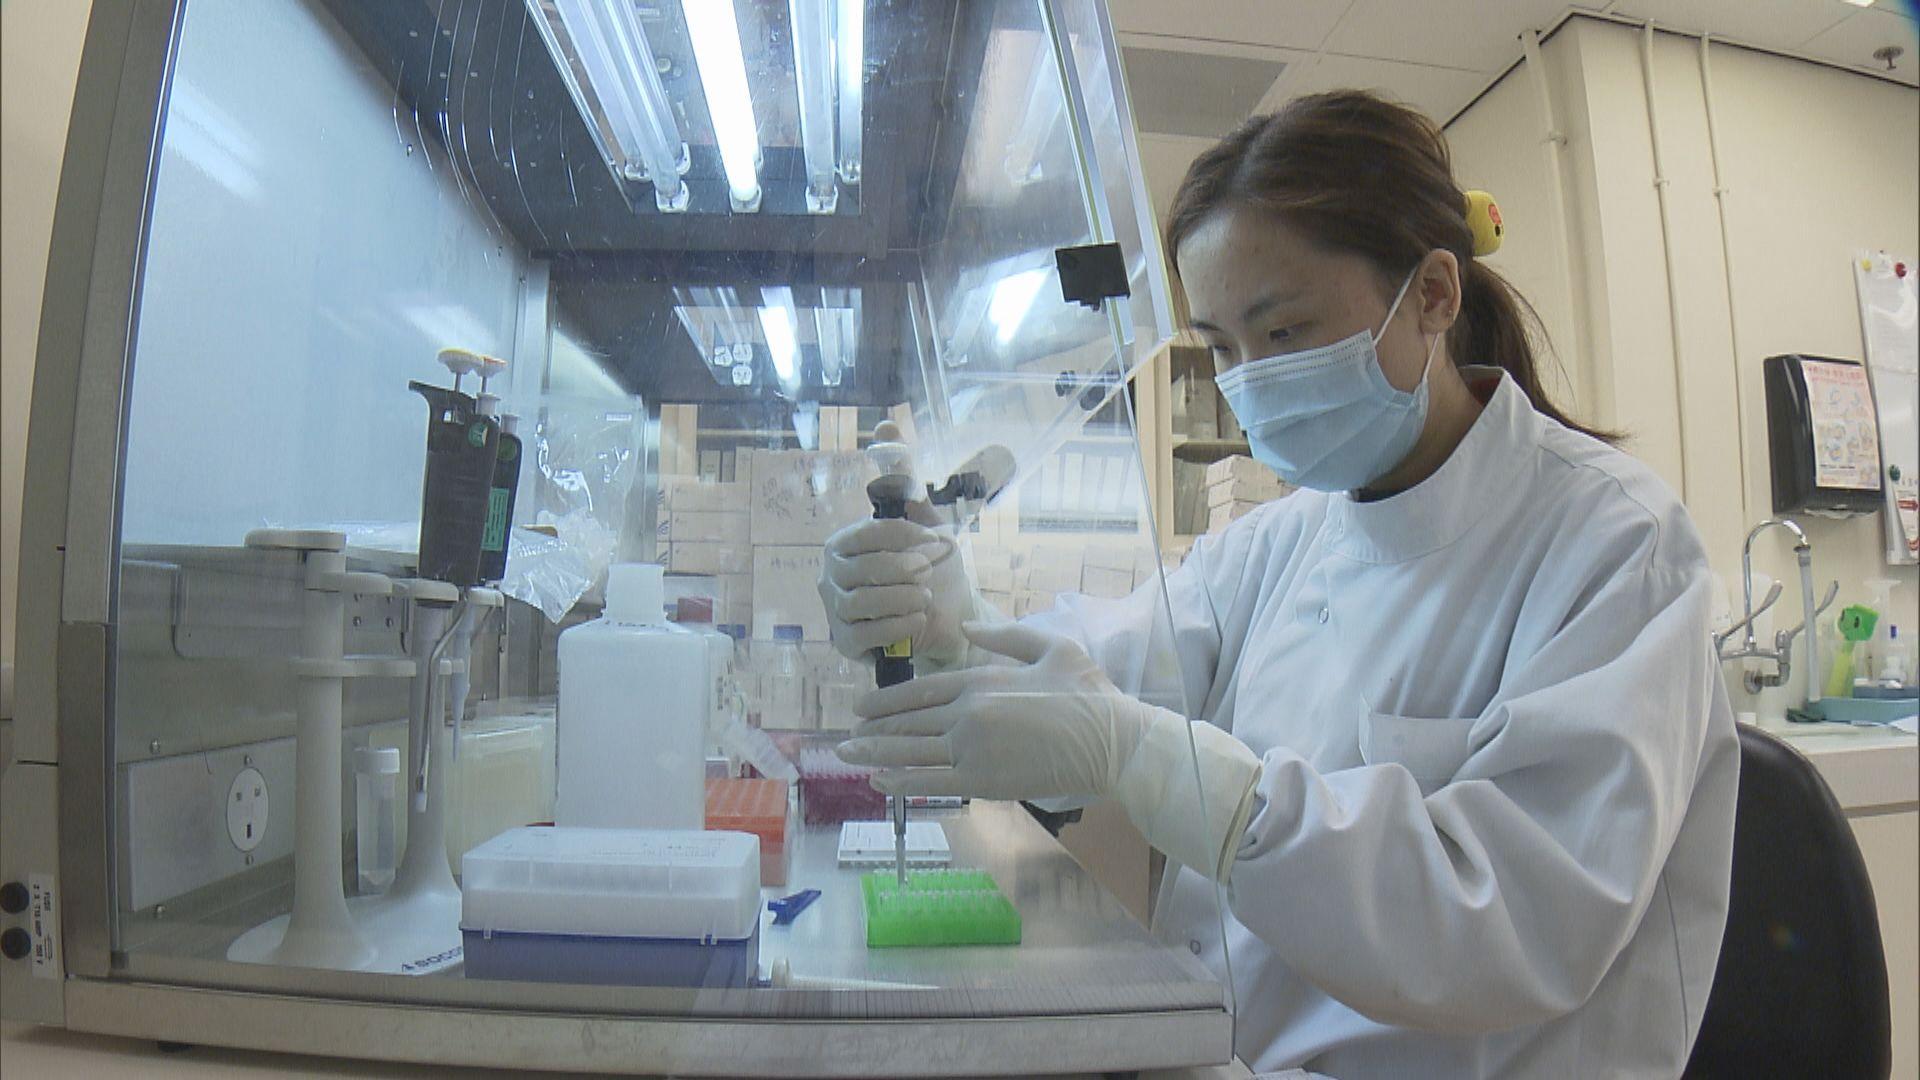 衞生防護中心:早前確診華大基因職員的樣本疑受污染